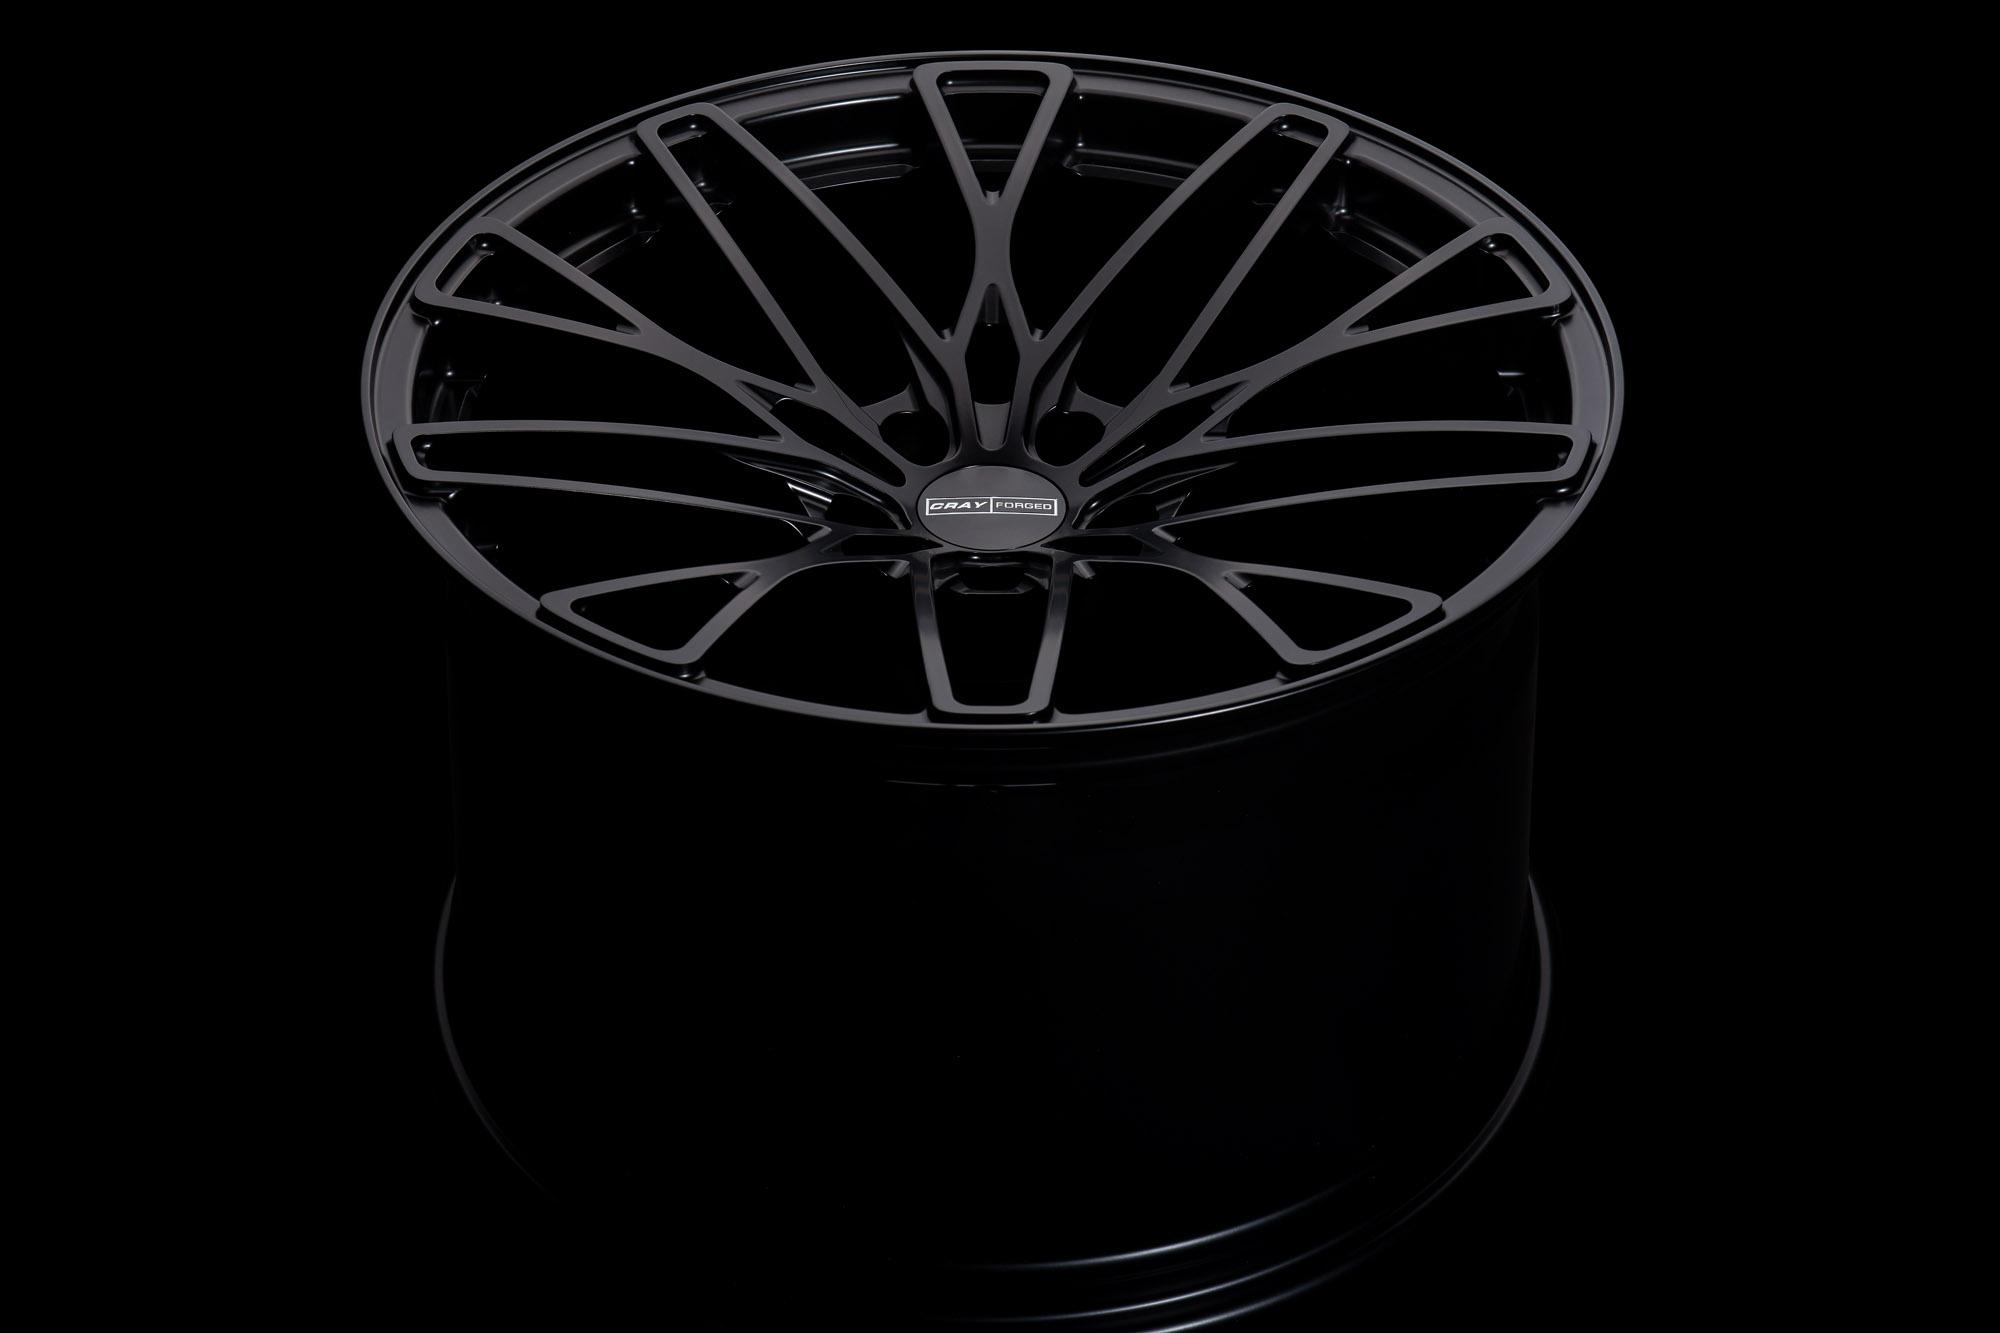 Cray Falcon Forged Corvette wheel